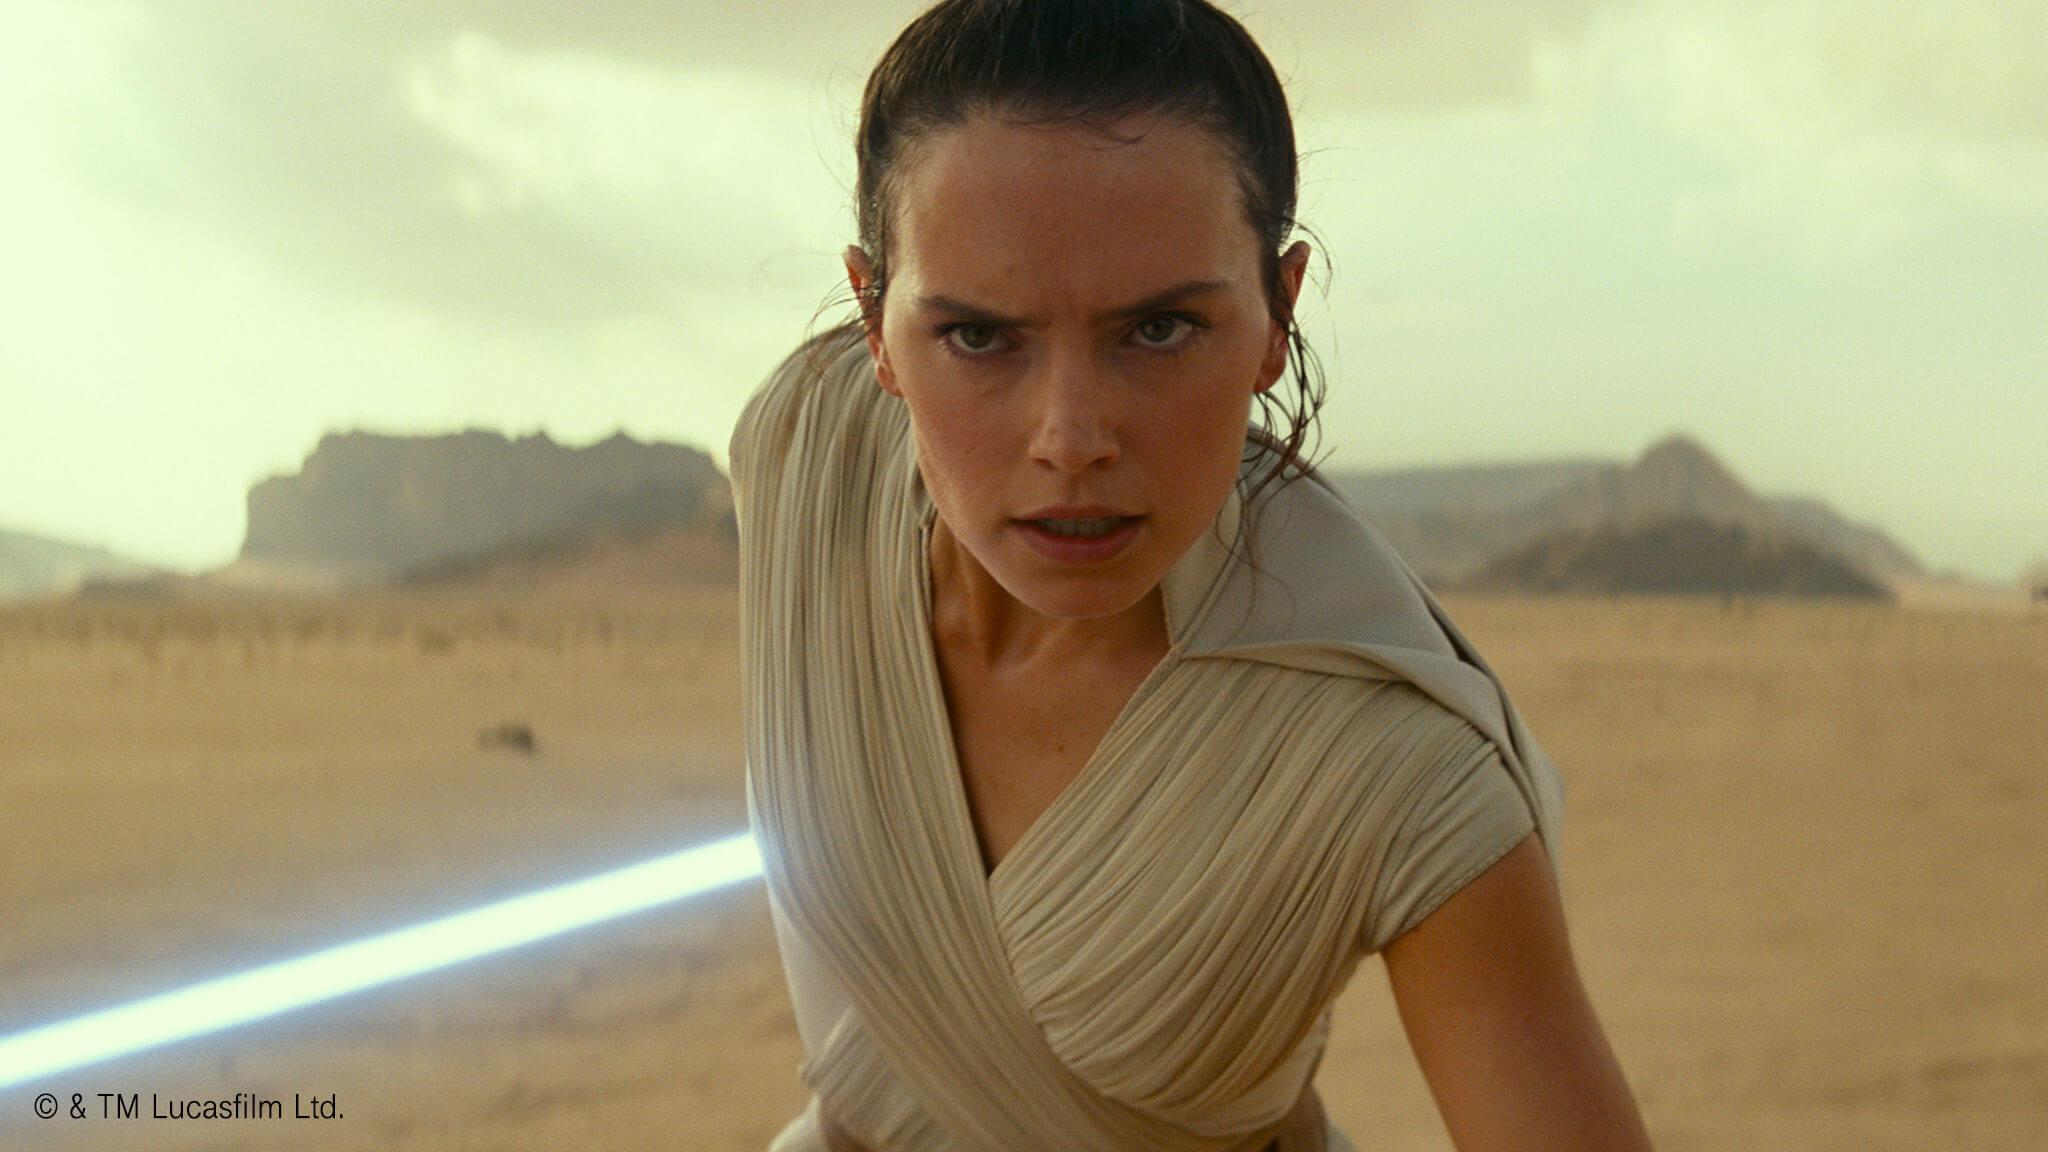 Star Wars Filme – Was ist dran an der Faszination für Jedis und Co?